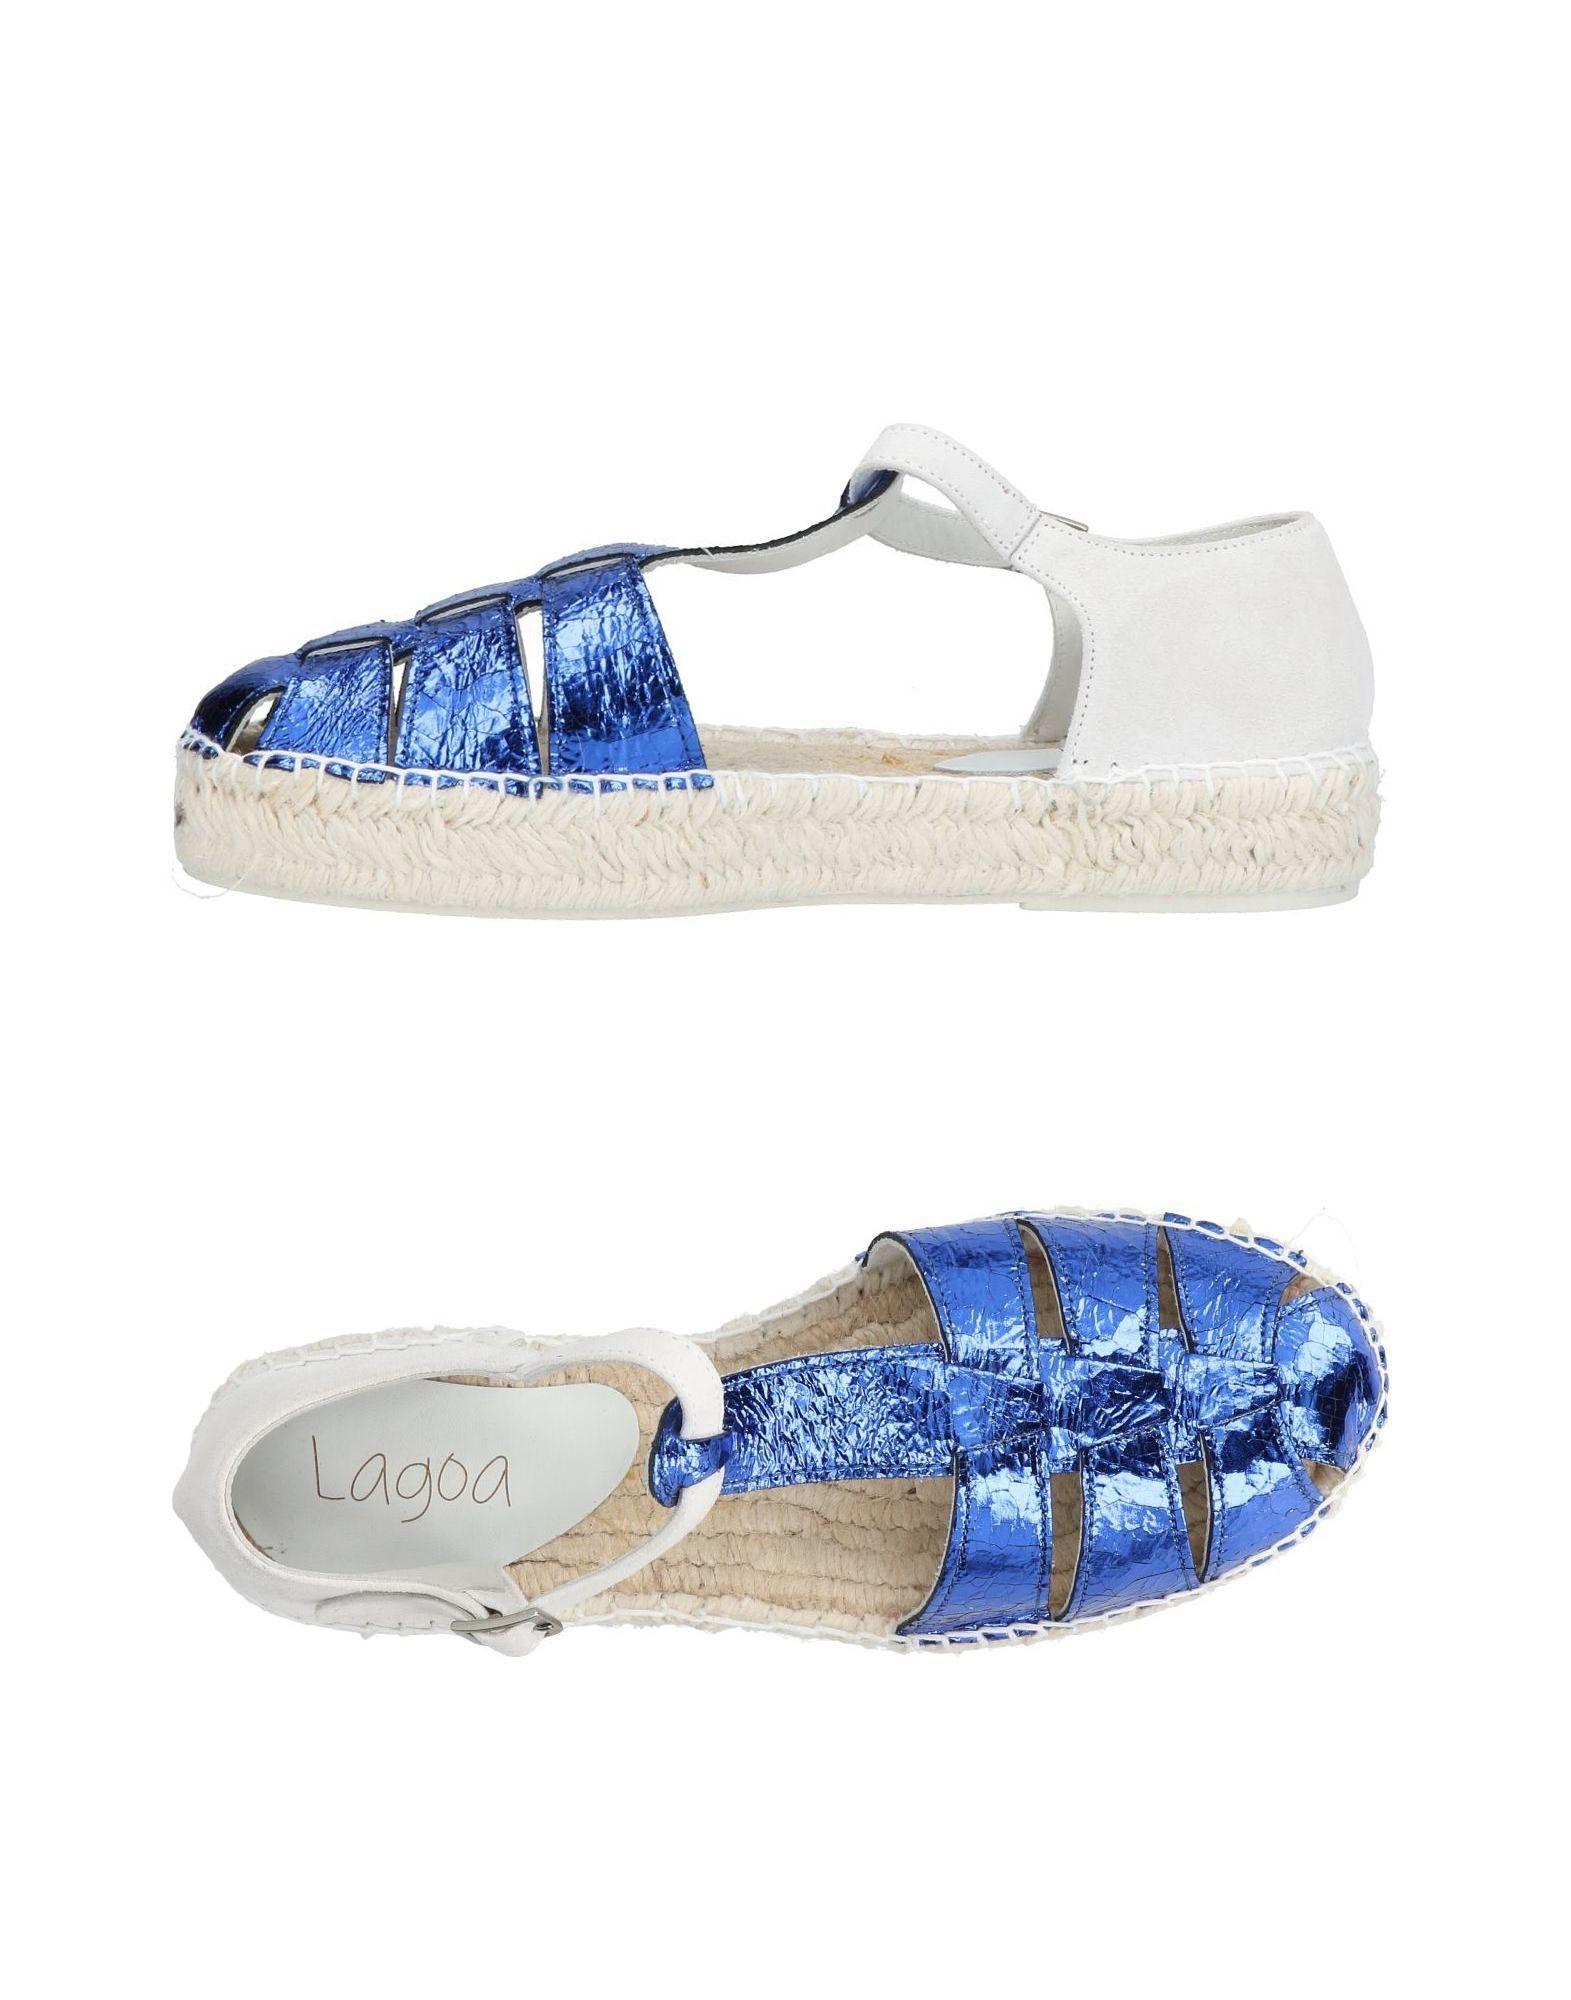 Lagoa Espadrilles Damen  11362646AR Gute Qualität beliebte Schuhe